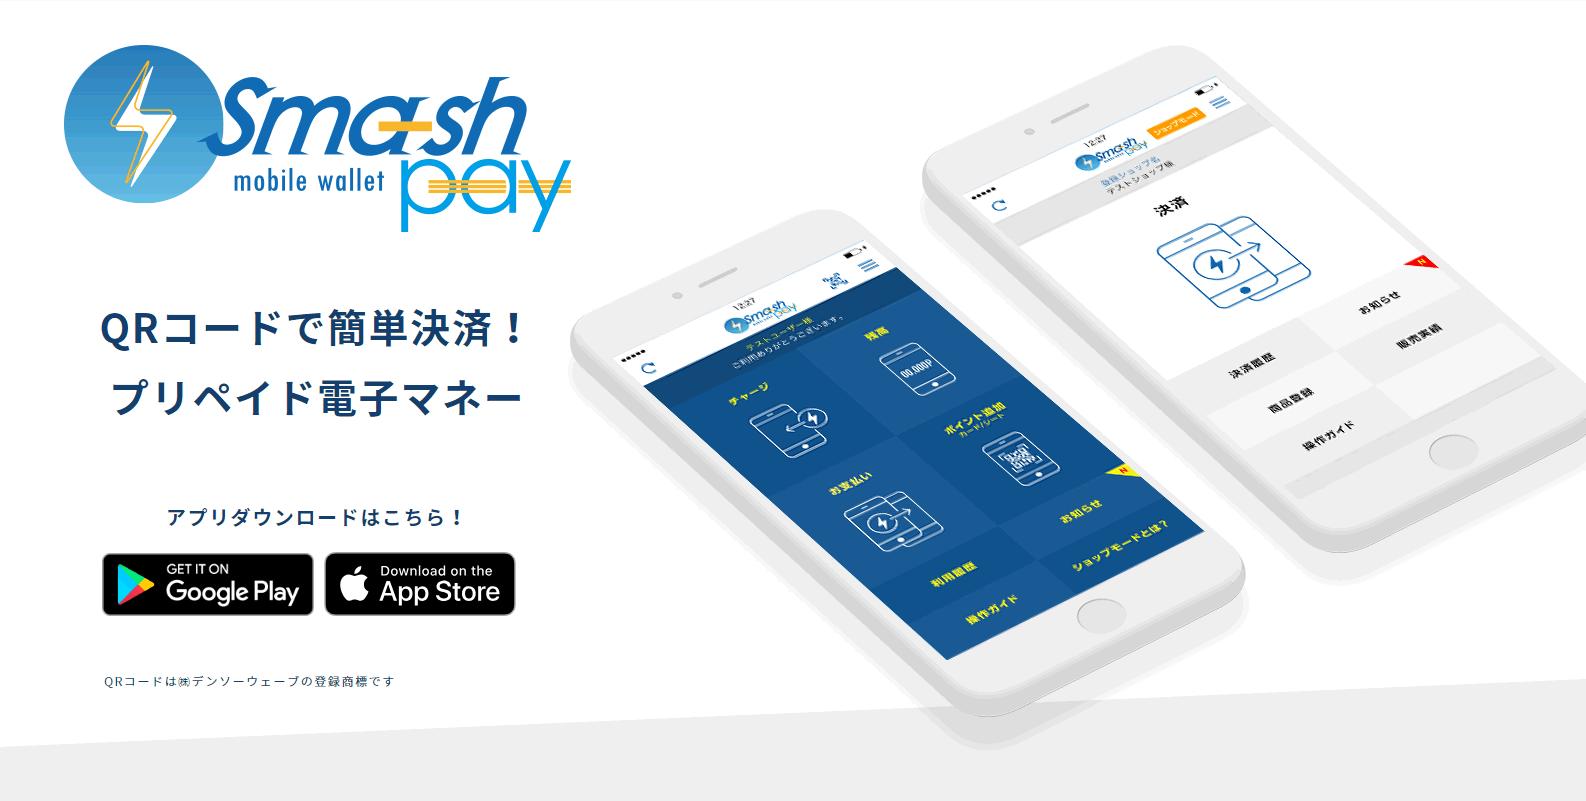 スマホ決済アプリ「Sma-sh pay(スマッシュペイ)」とは?特徴、メリット、使えるお店を紹介!